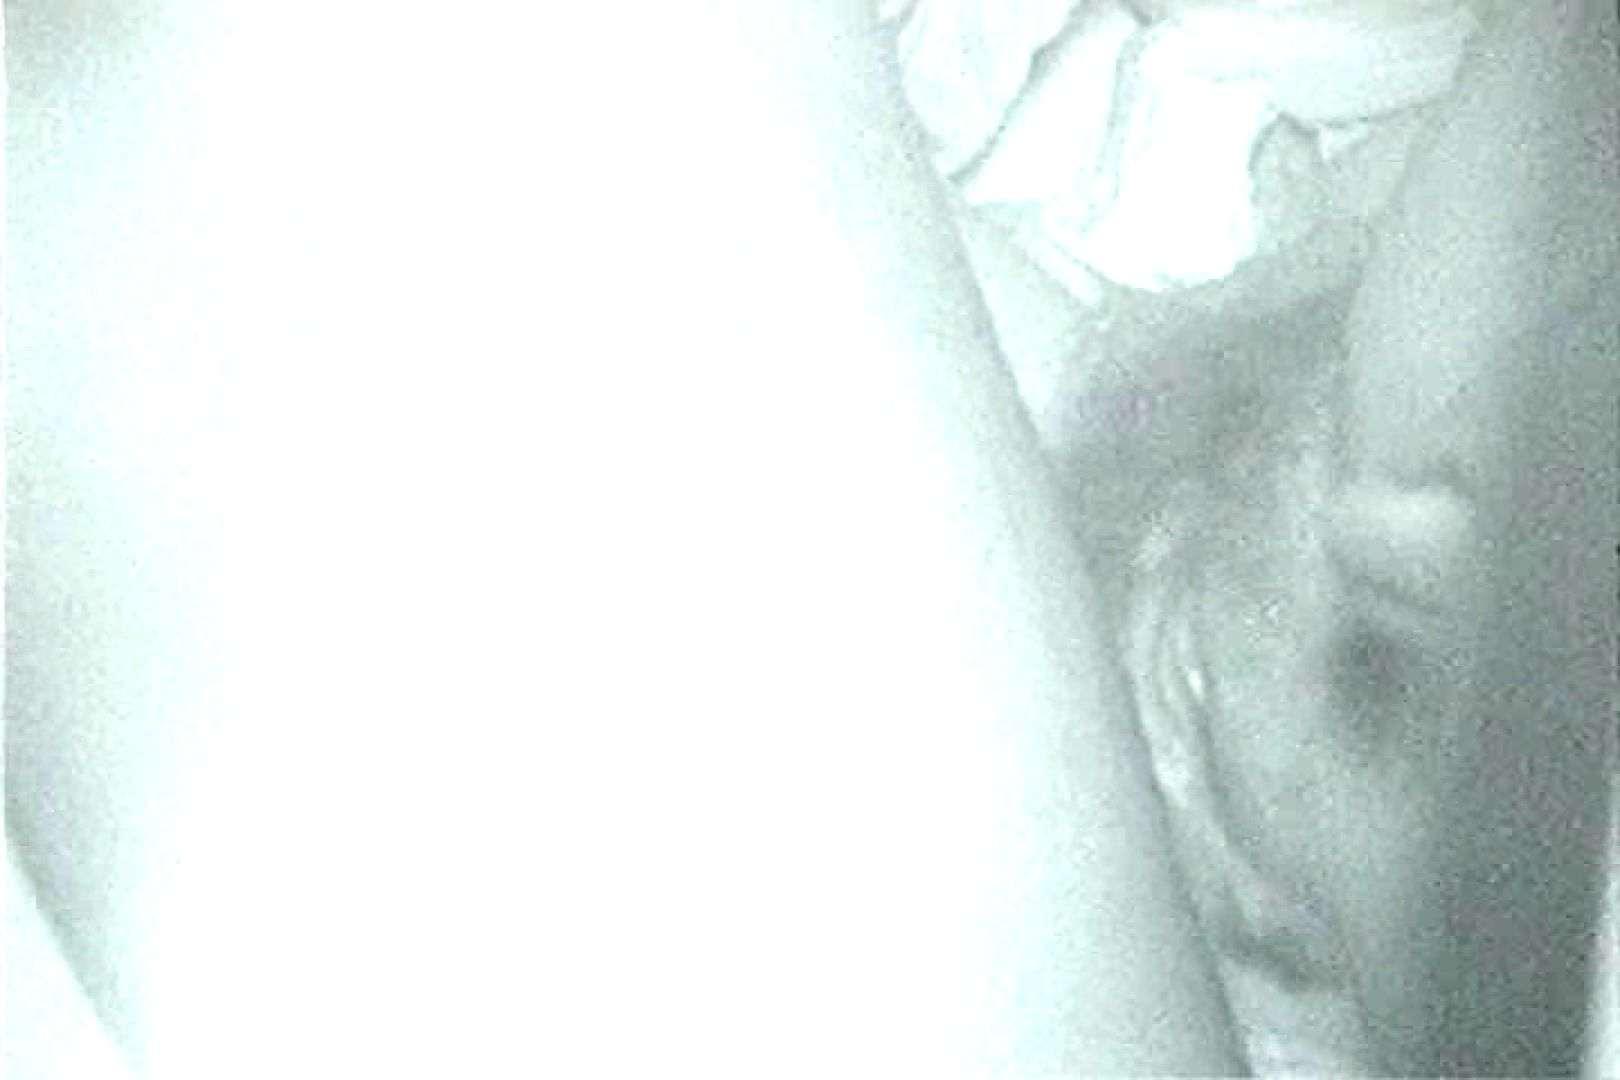 「充血監督」さんの深夜の運動会!! vol.025 素人流出 | OLのボディ  48PIX 11